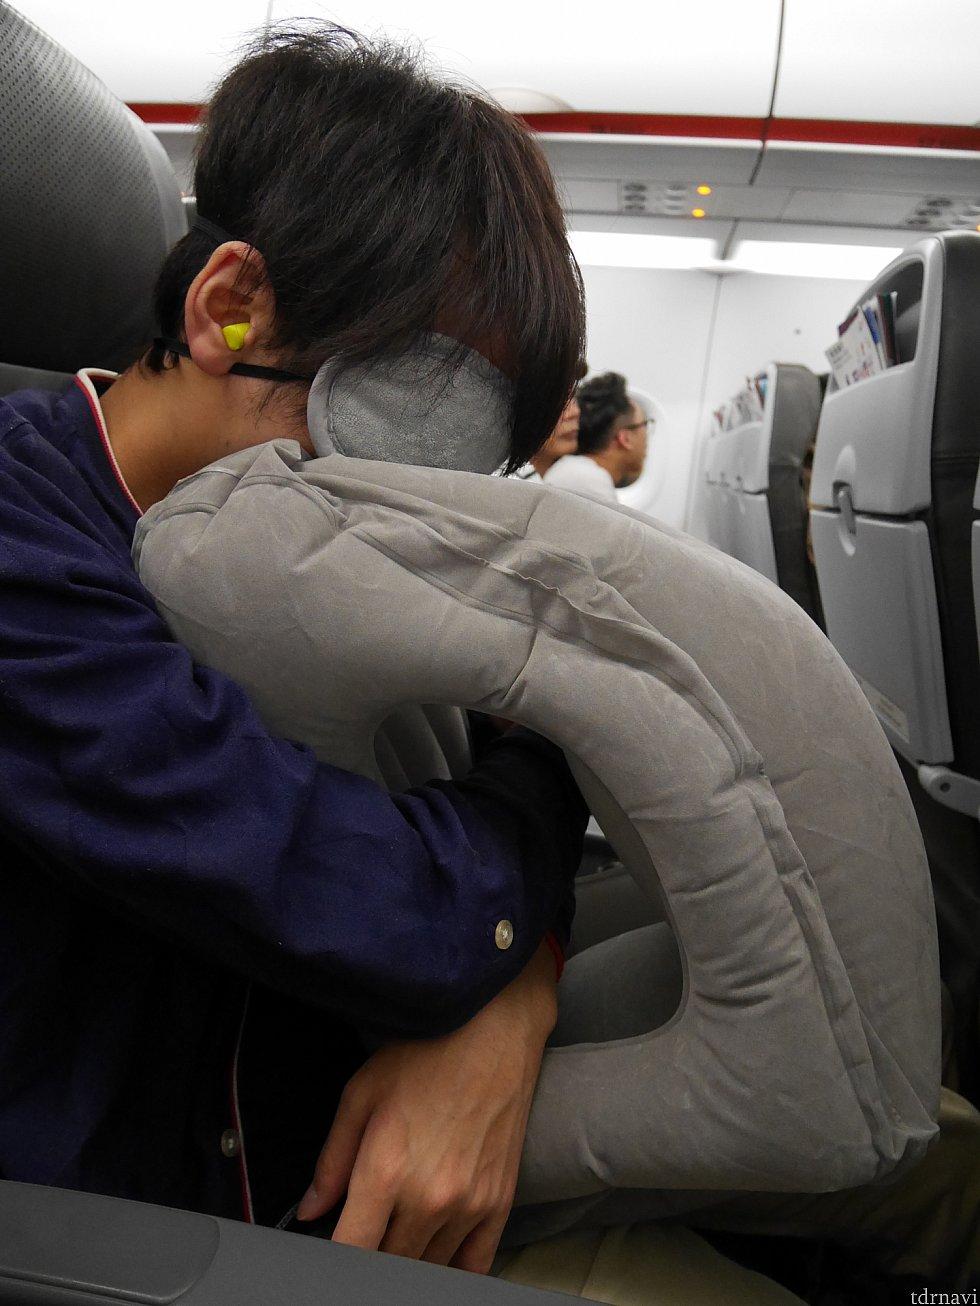 【香港エクスプレス】耳栓、アイマスク、エアー枕(大)使用例。LCCで快適に寝れるいい方法は常に模索中。